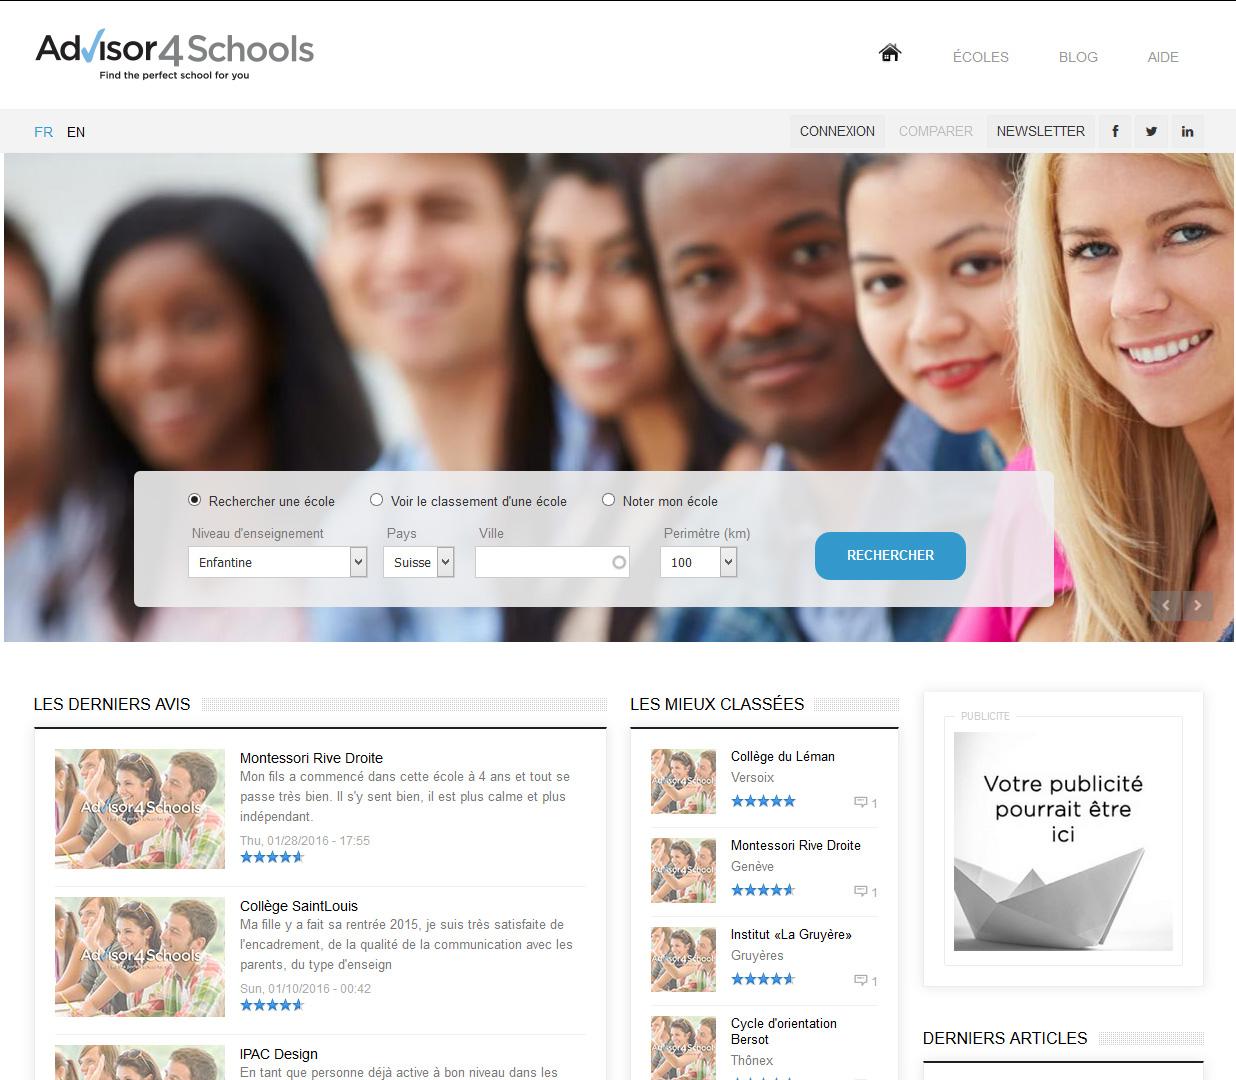 Signature de Luxe - Website - Advisor4Schools